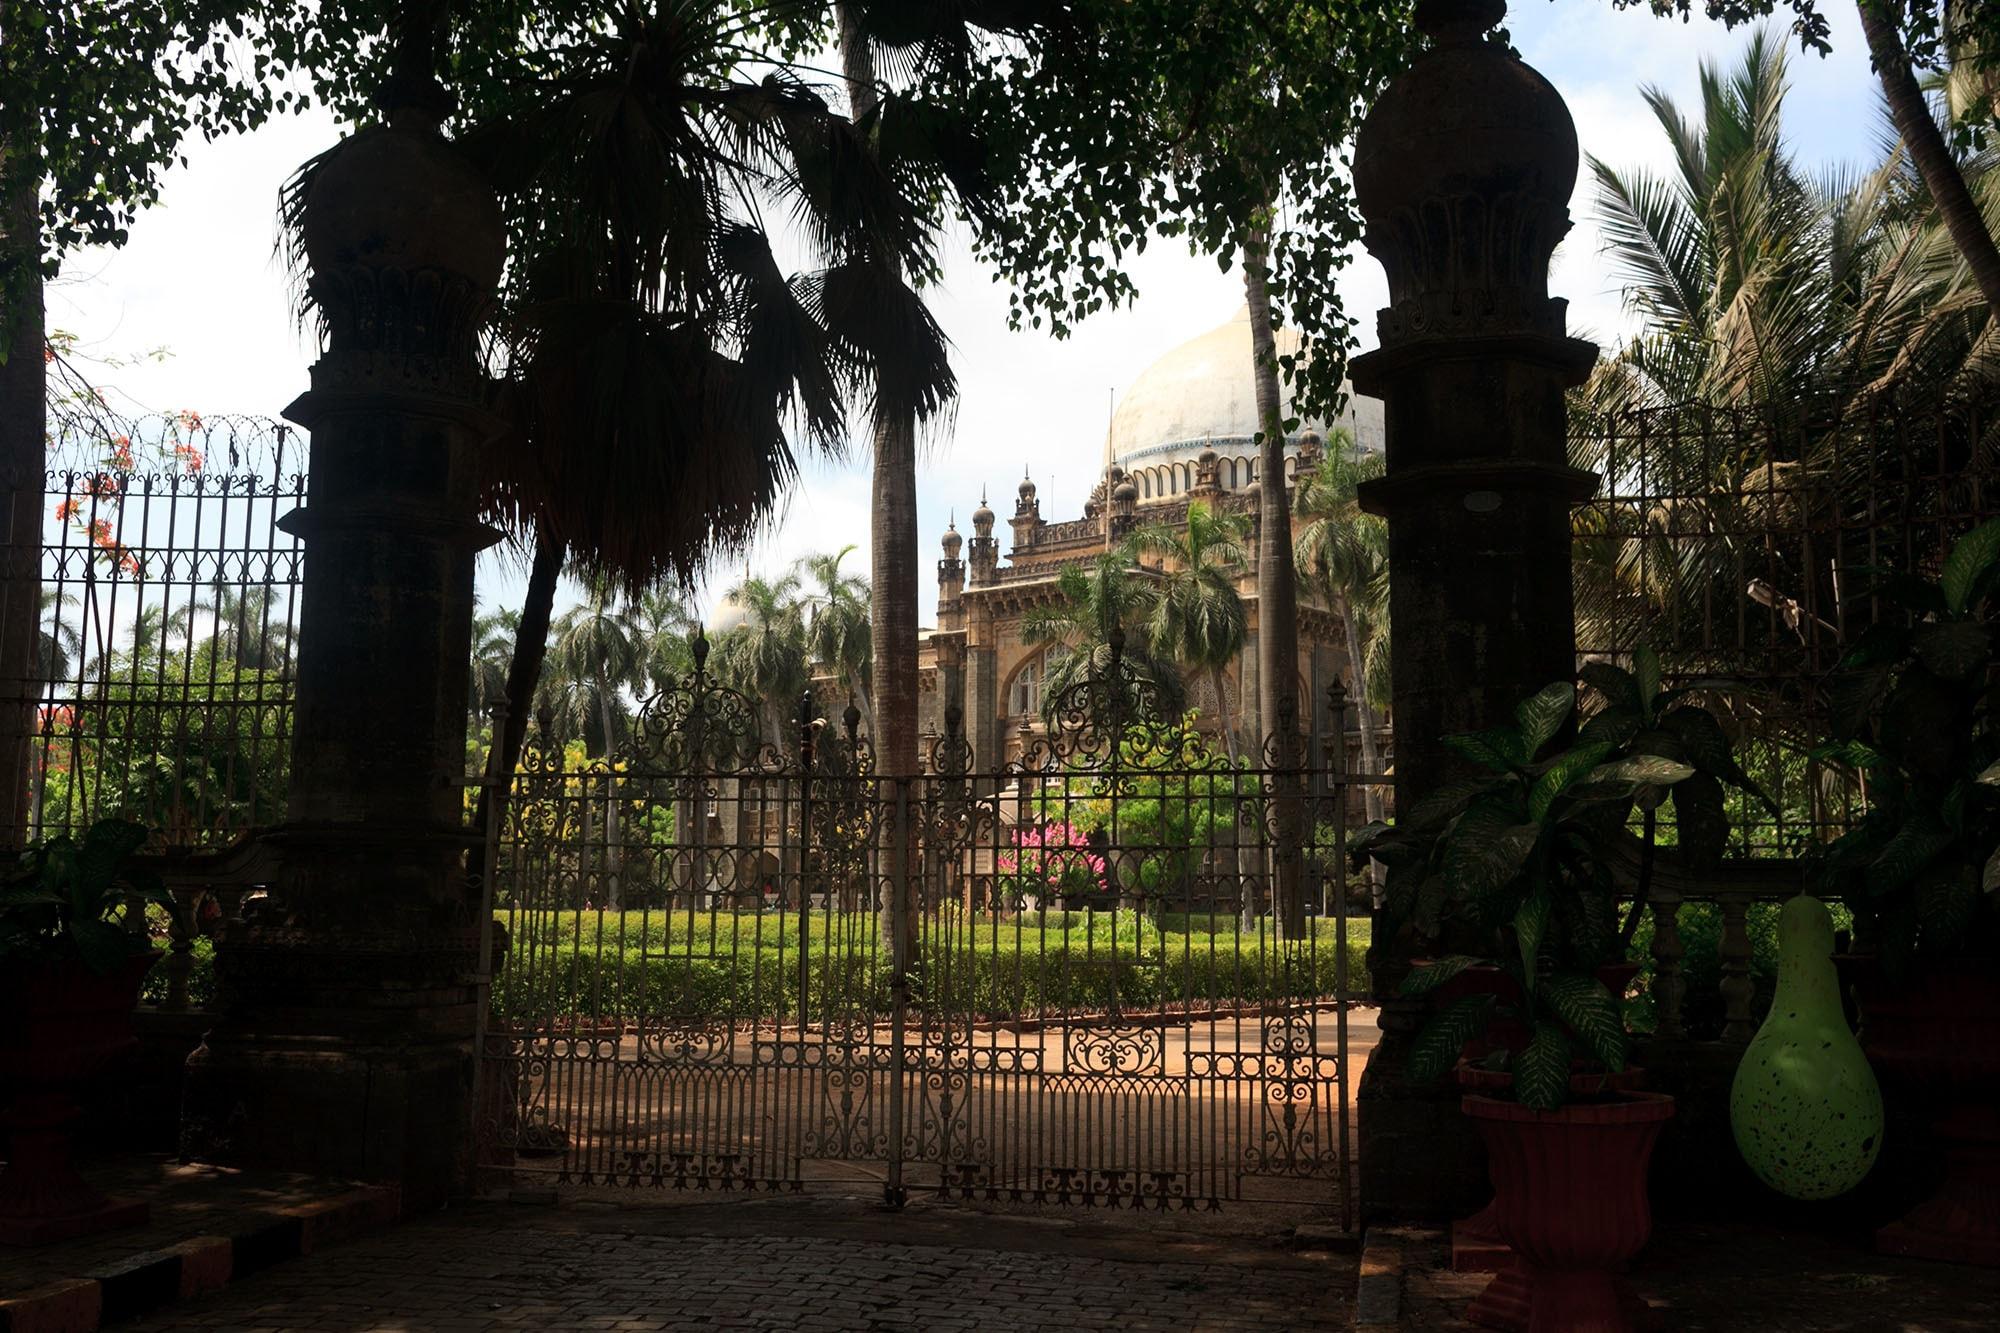 Chatrapati Shivaji Maharaj Vastu Sangrahalaya in Mumbai, India.